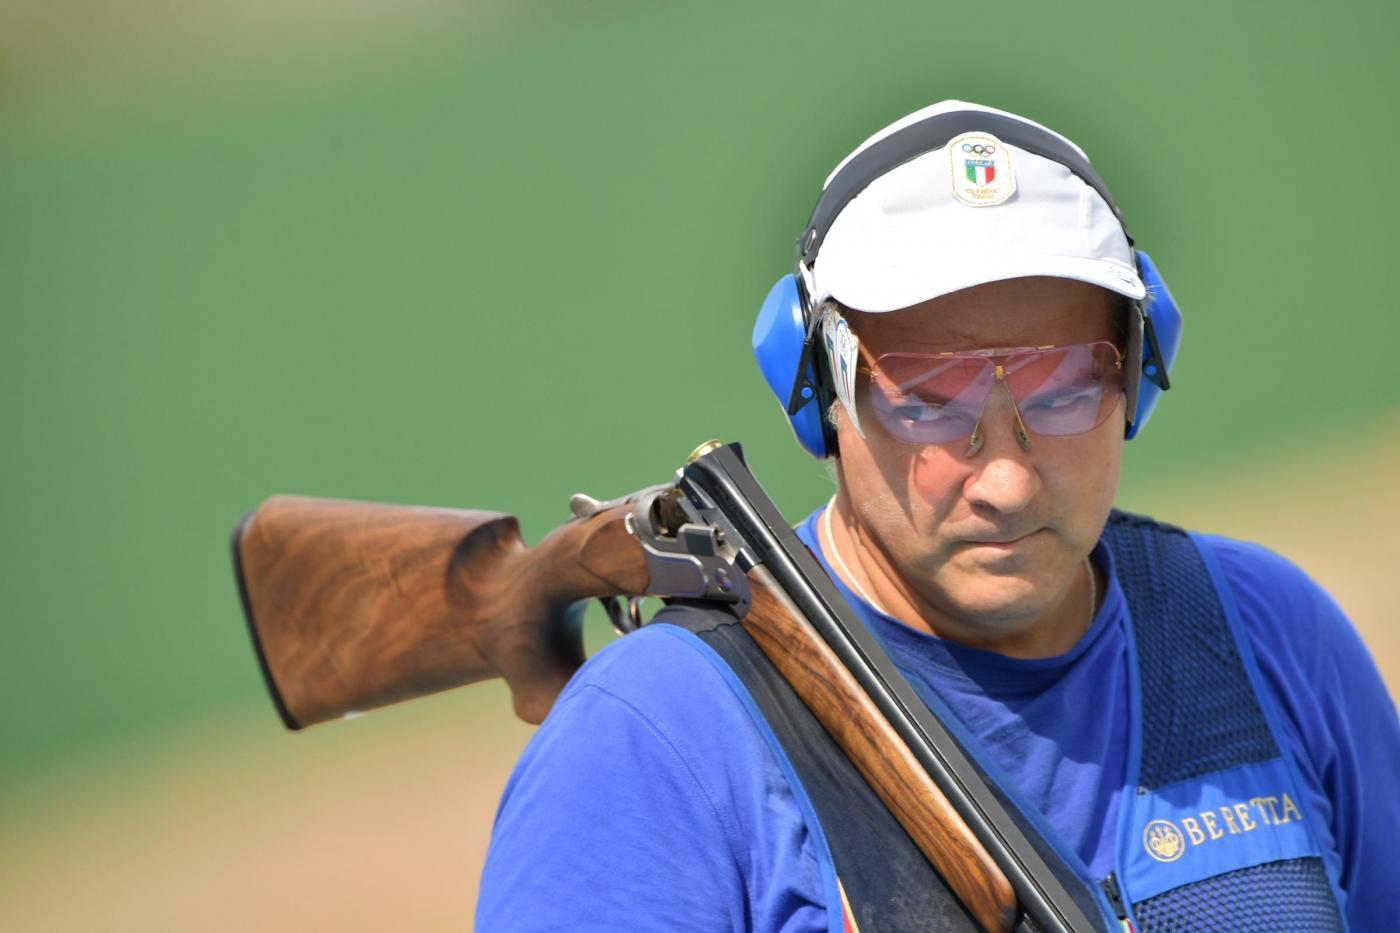 Olimpiadi 2016: Giovanni Pellielo argento nel trap